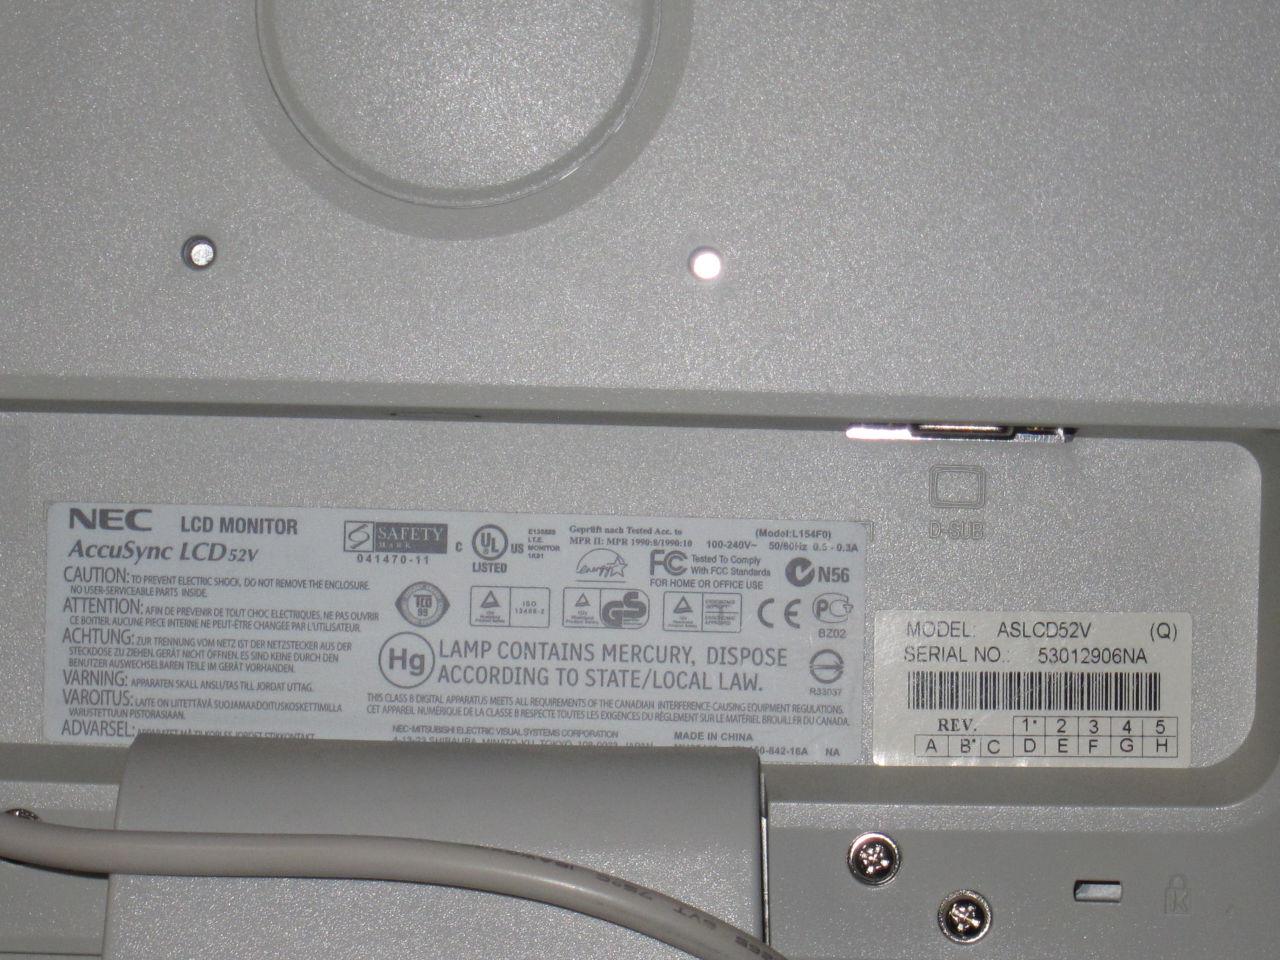 NEC AccuSync LCD 52v Display Monitor